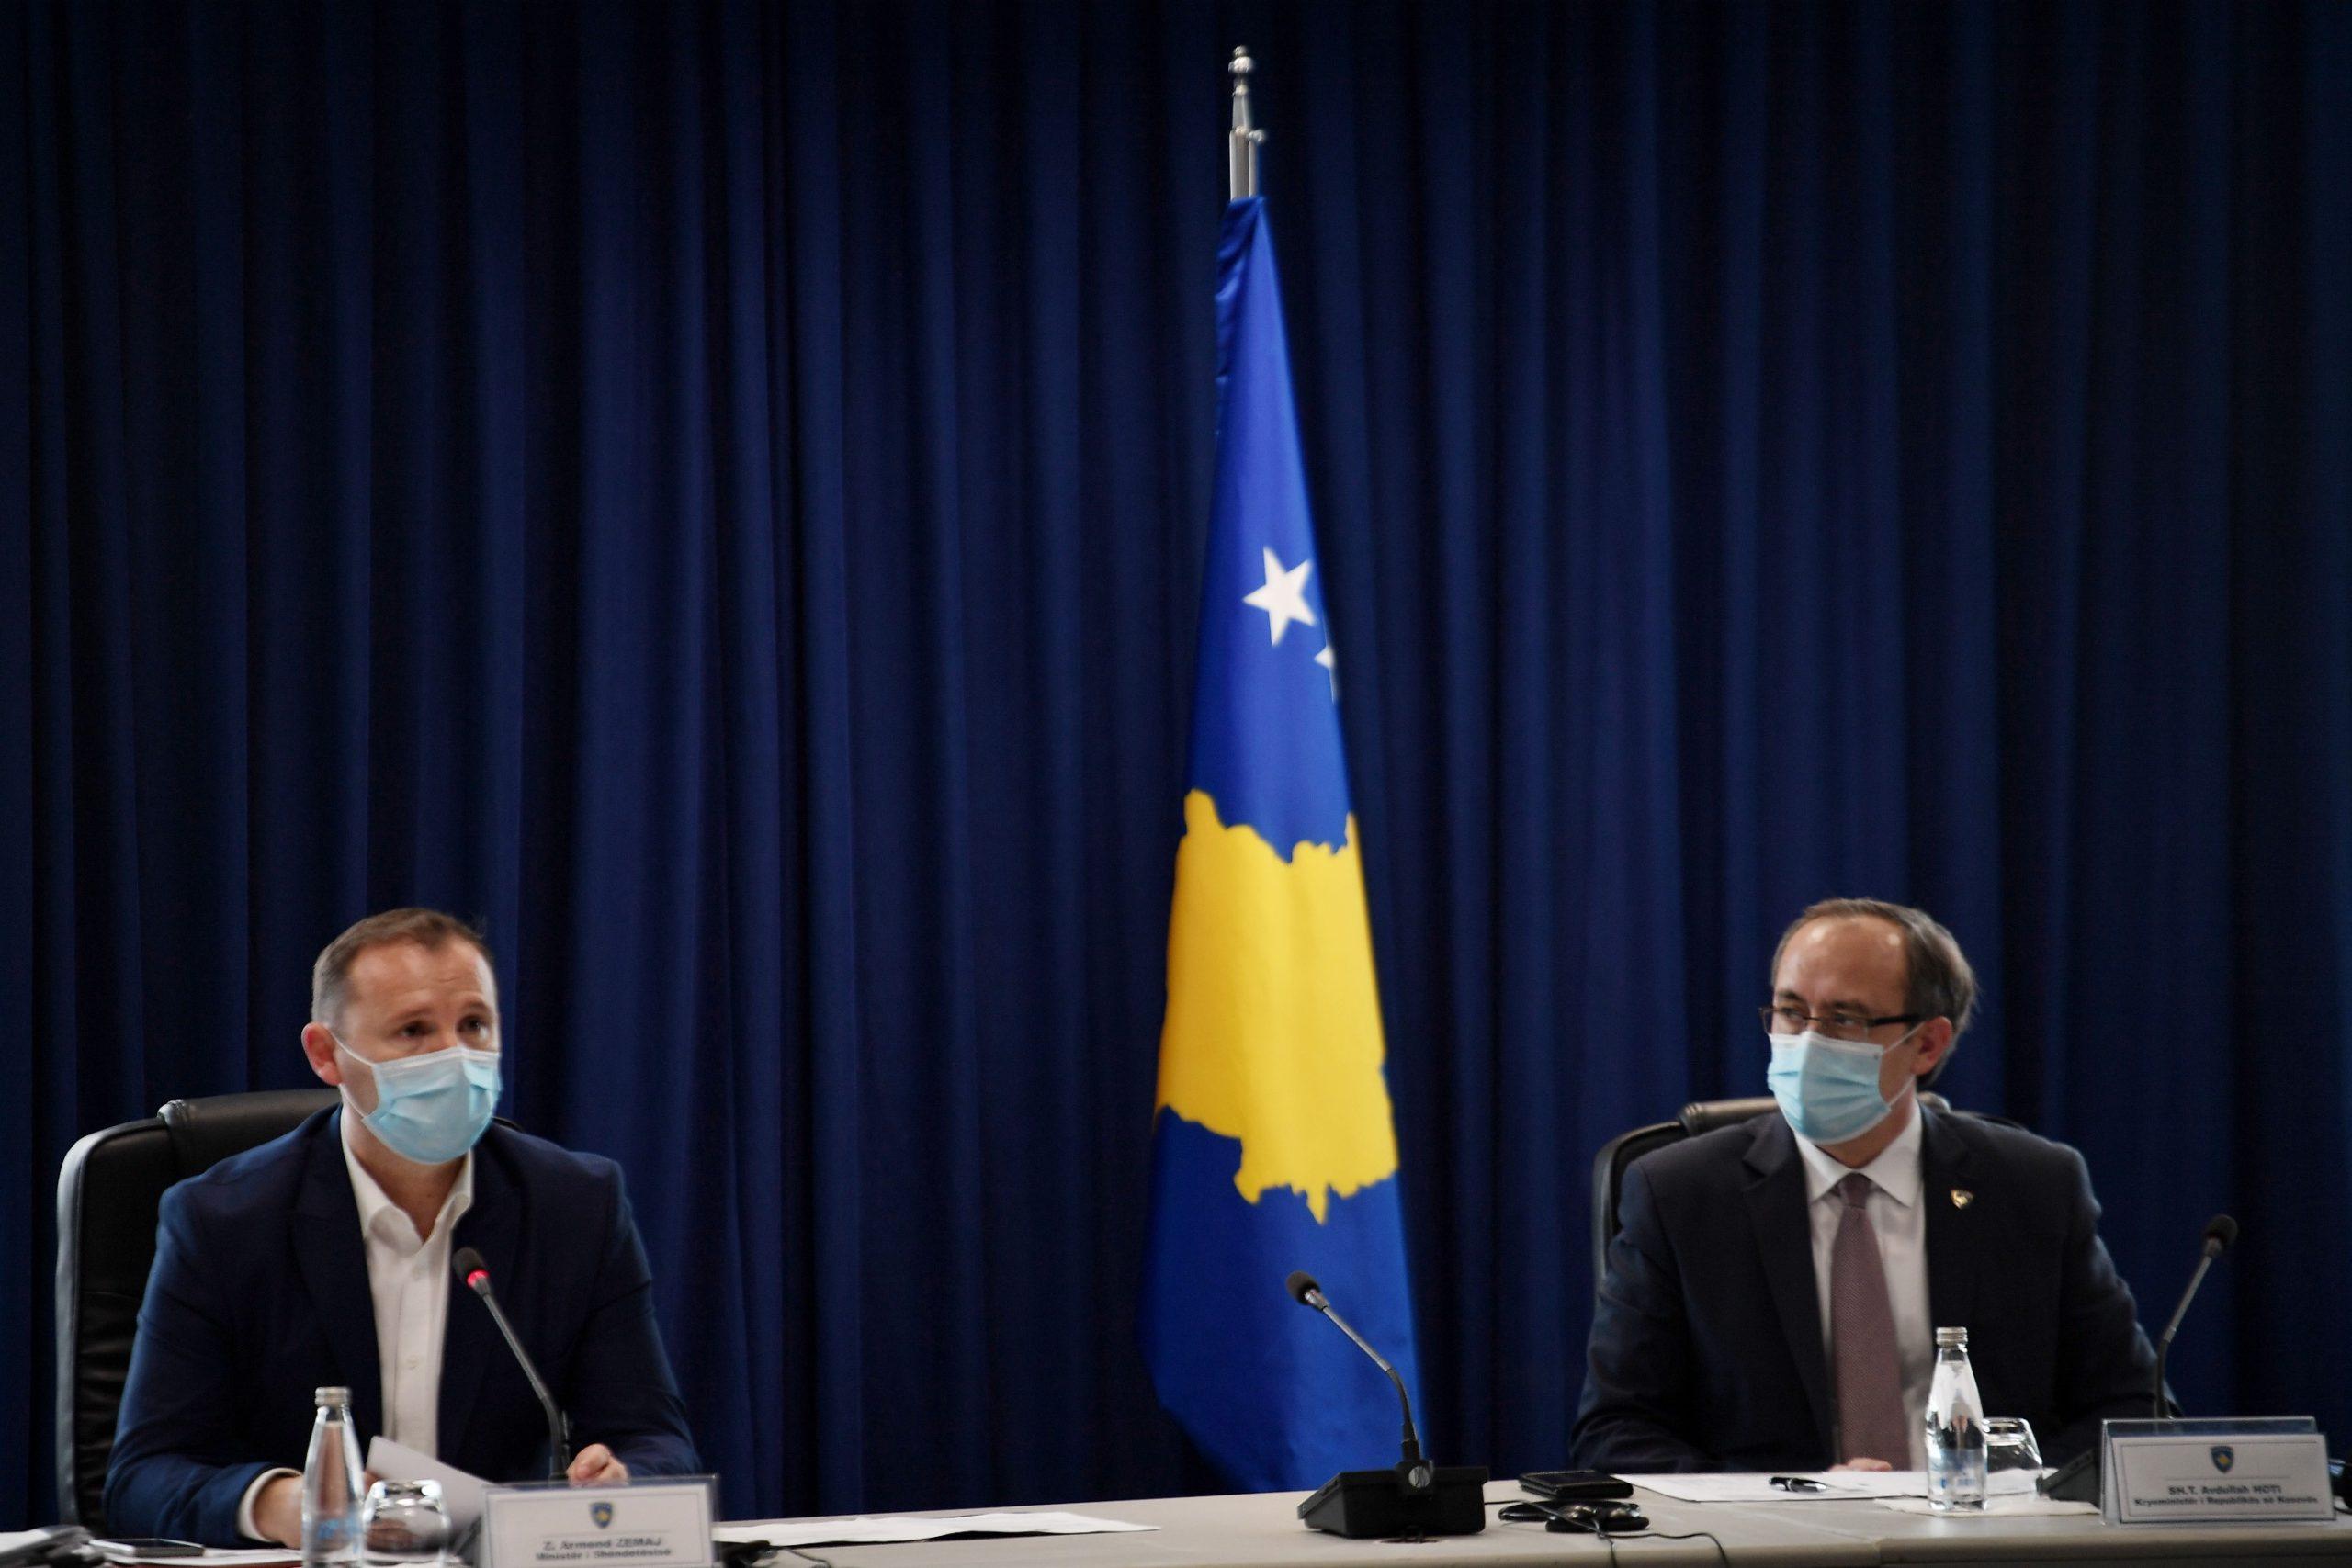 Kosova ende pa vaksina anti-COVID, Hoti e Zemaj: Nuk hyjmë në lojëra për të sjellë vaksinat e dyshimta